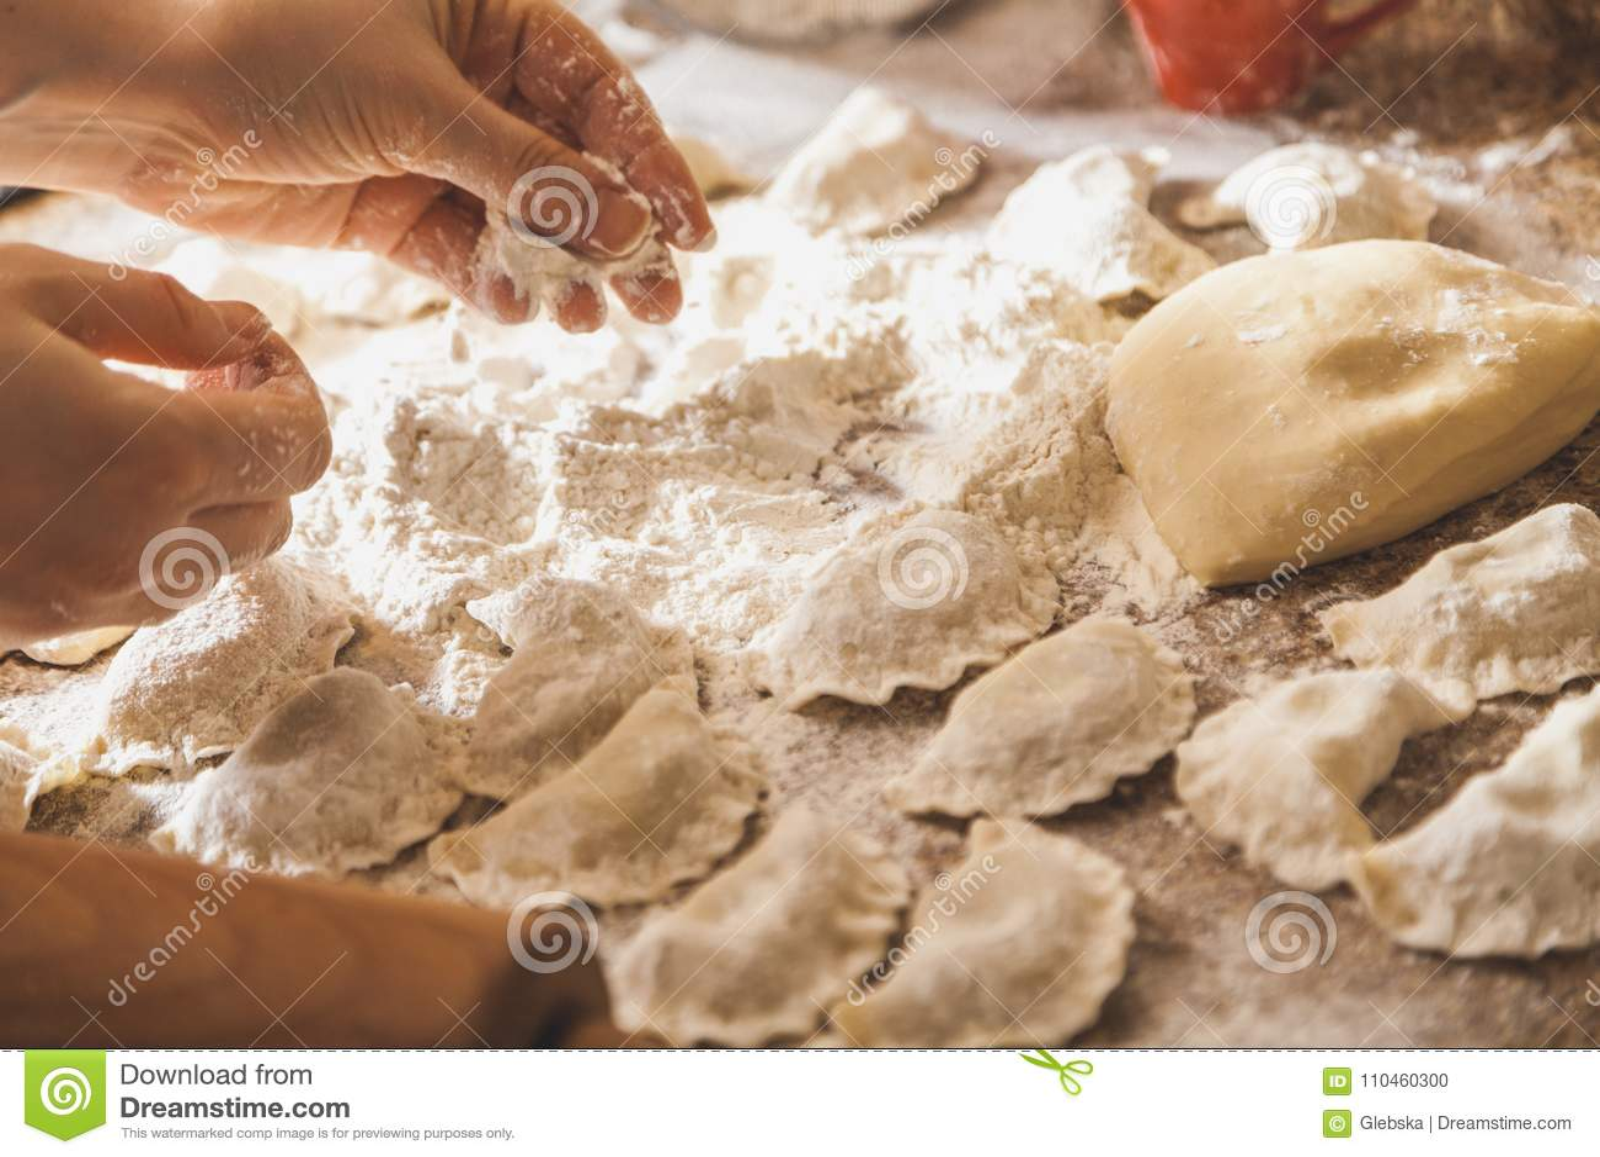 Händer strilar med rå klimpar för mjöl på tabellen